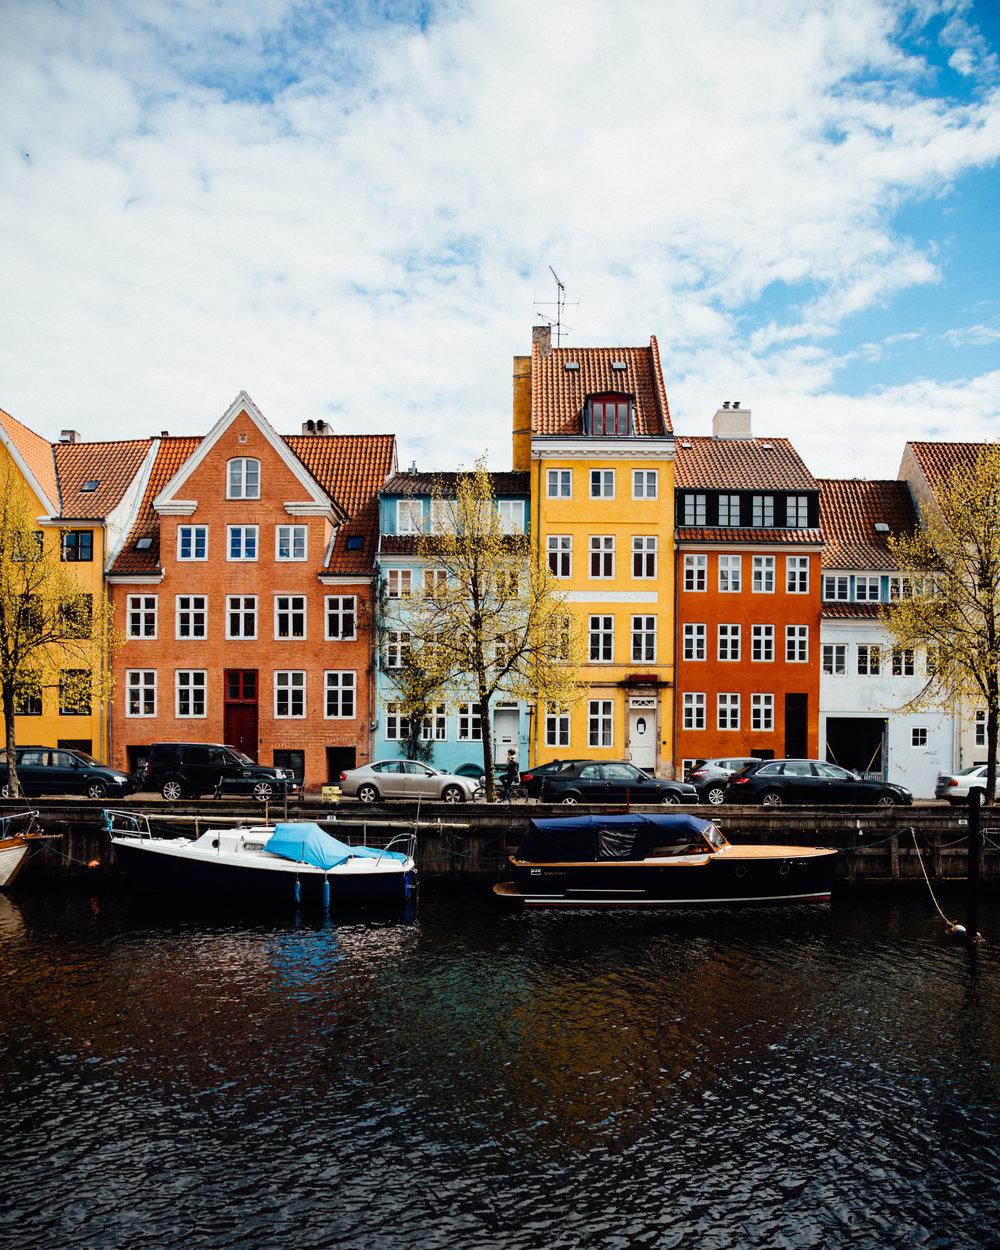 Christianshavn-1.JPG